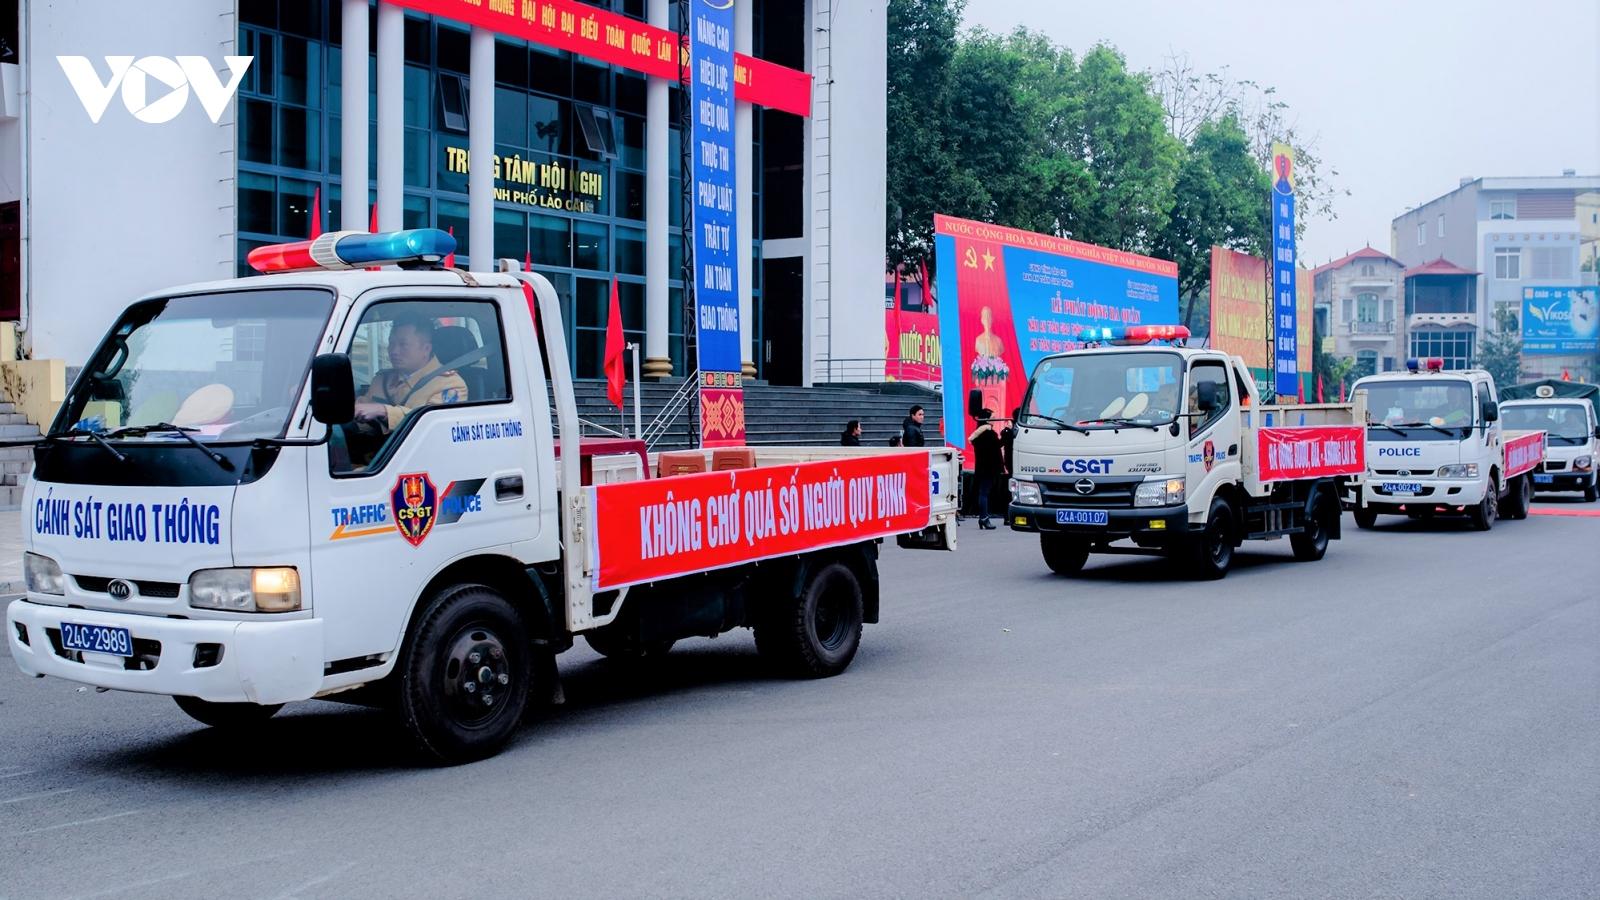 Tai nạn giao thông ở Lào Cai tăng cả về số vụ, số người chết